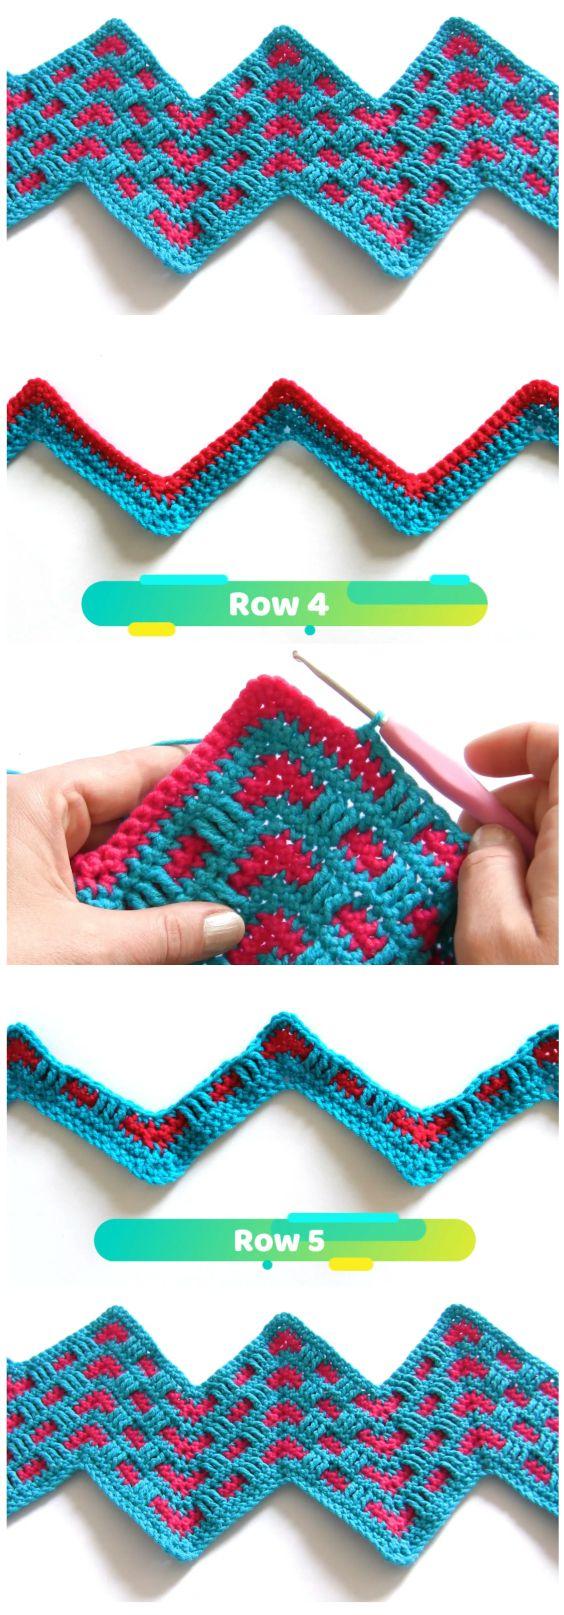 Crochet Mosaic Ripple Stitch #crochetstitchespatterns